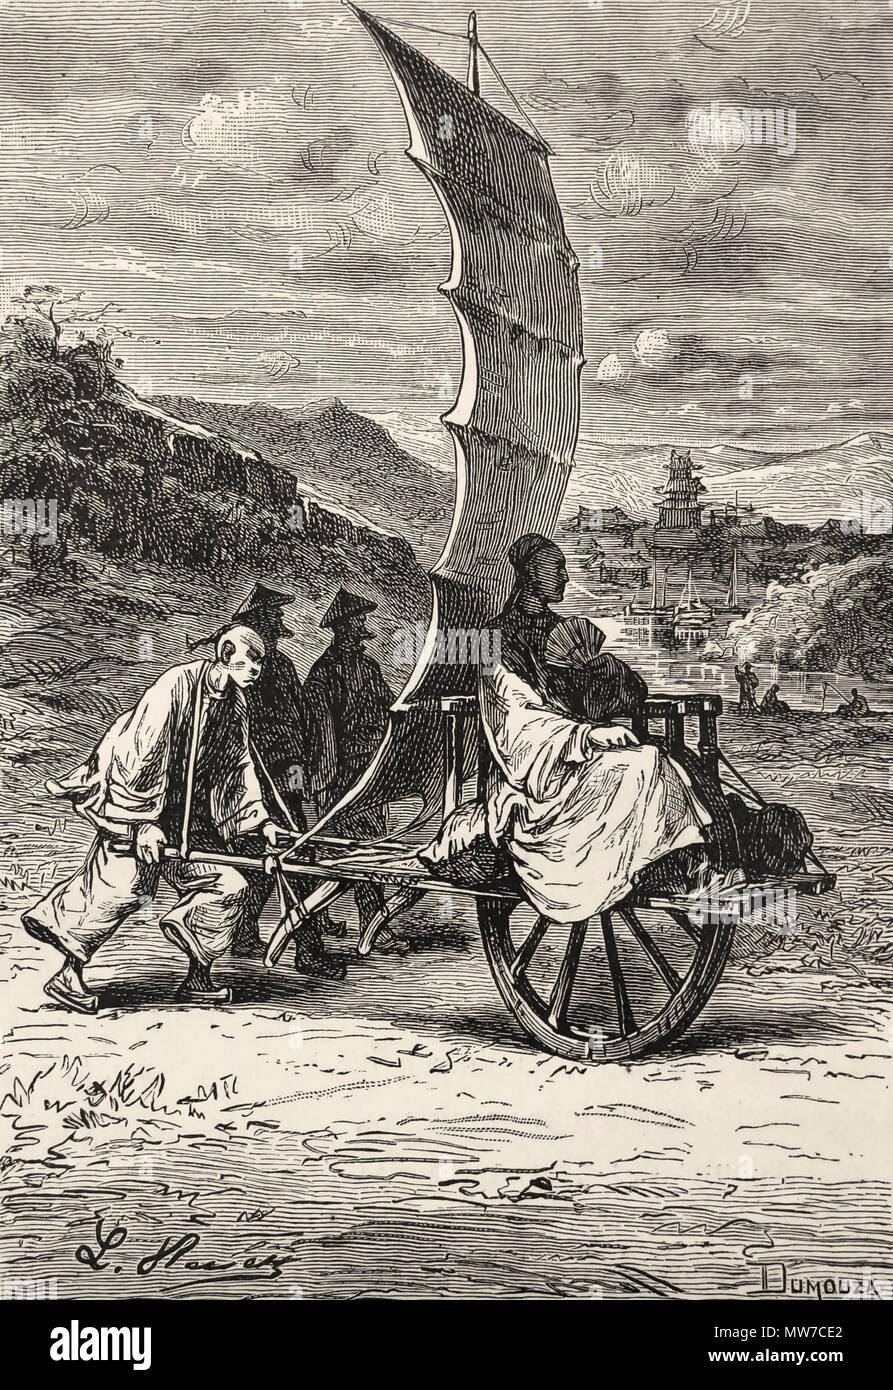 """""""Era nell'equipaggio' da L. Benet da 'tribolazioni di un Chinaman in Cina """" di Jules Verne. Parigi: J. Hetzel, (1895) Immagini Stock"""